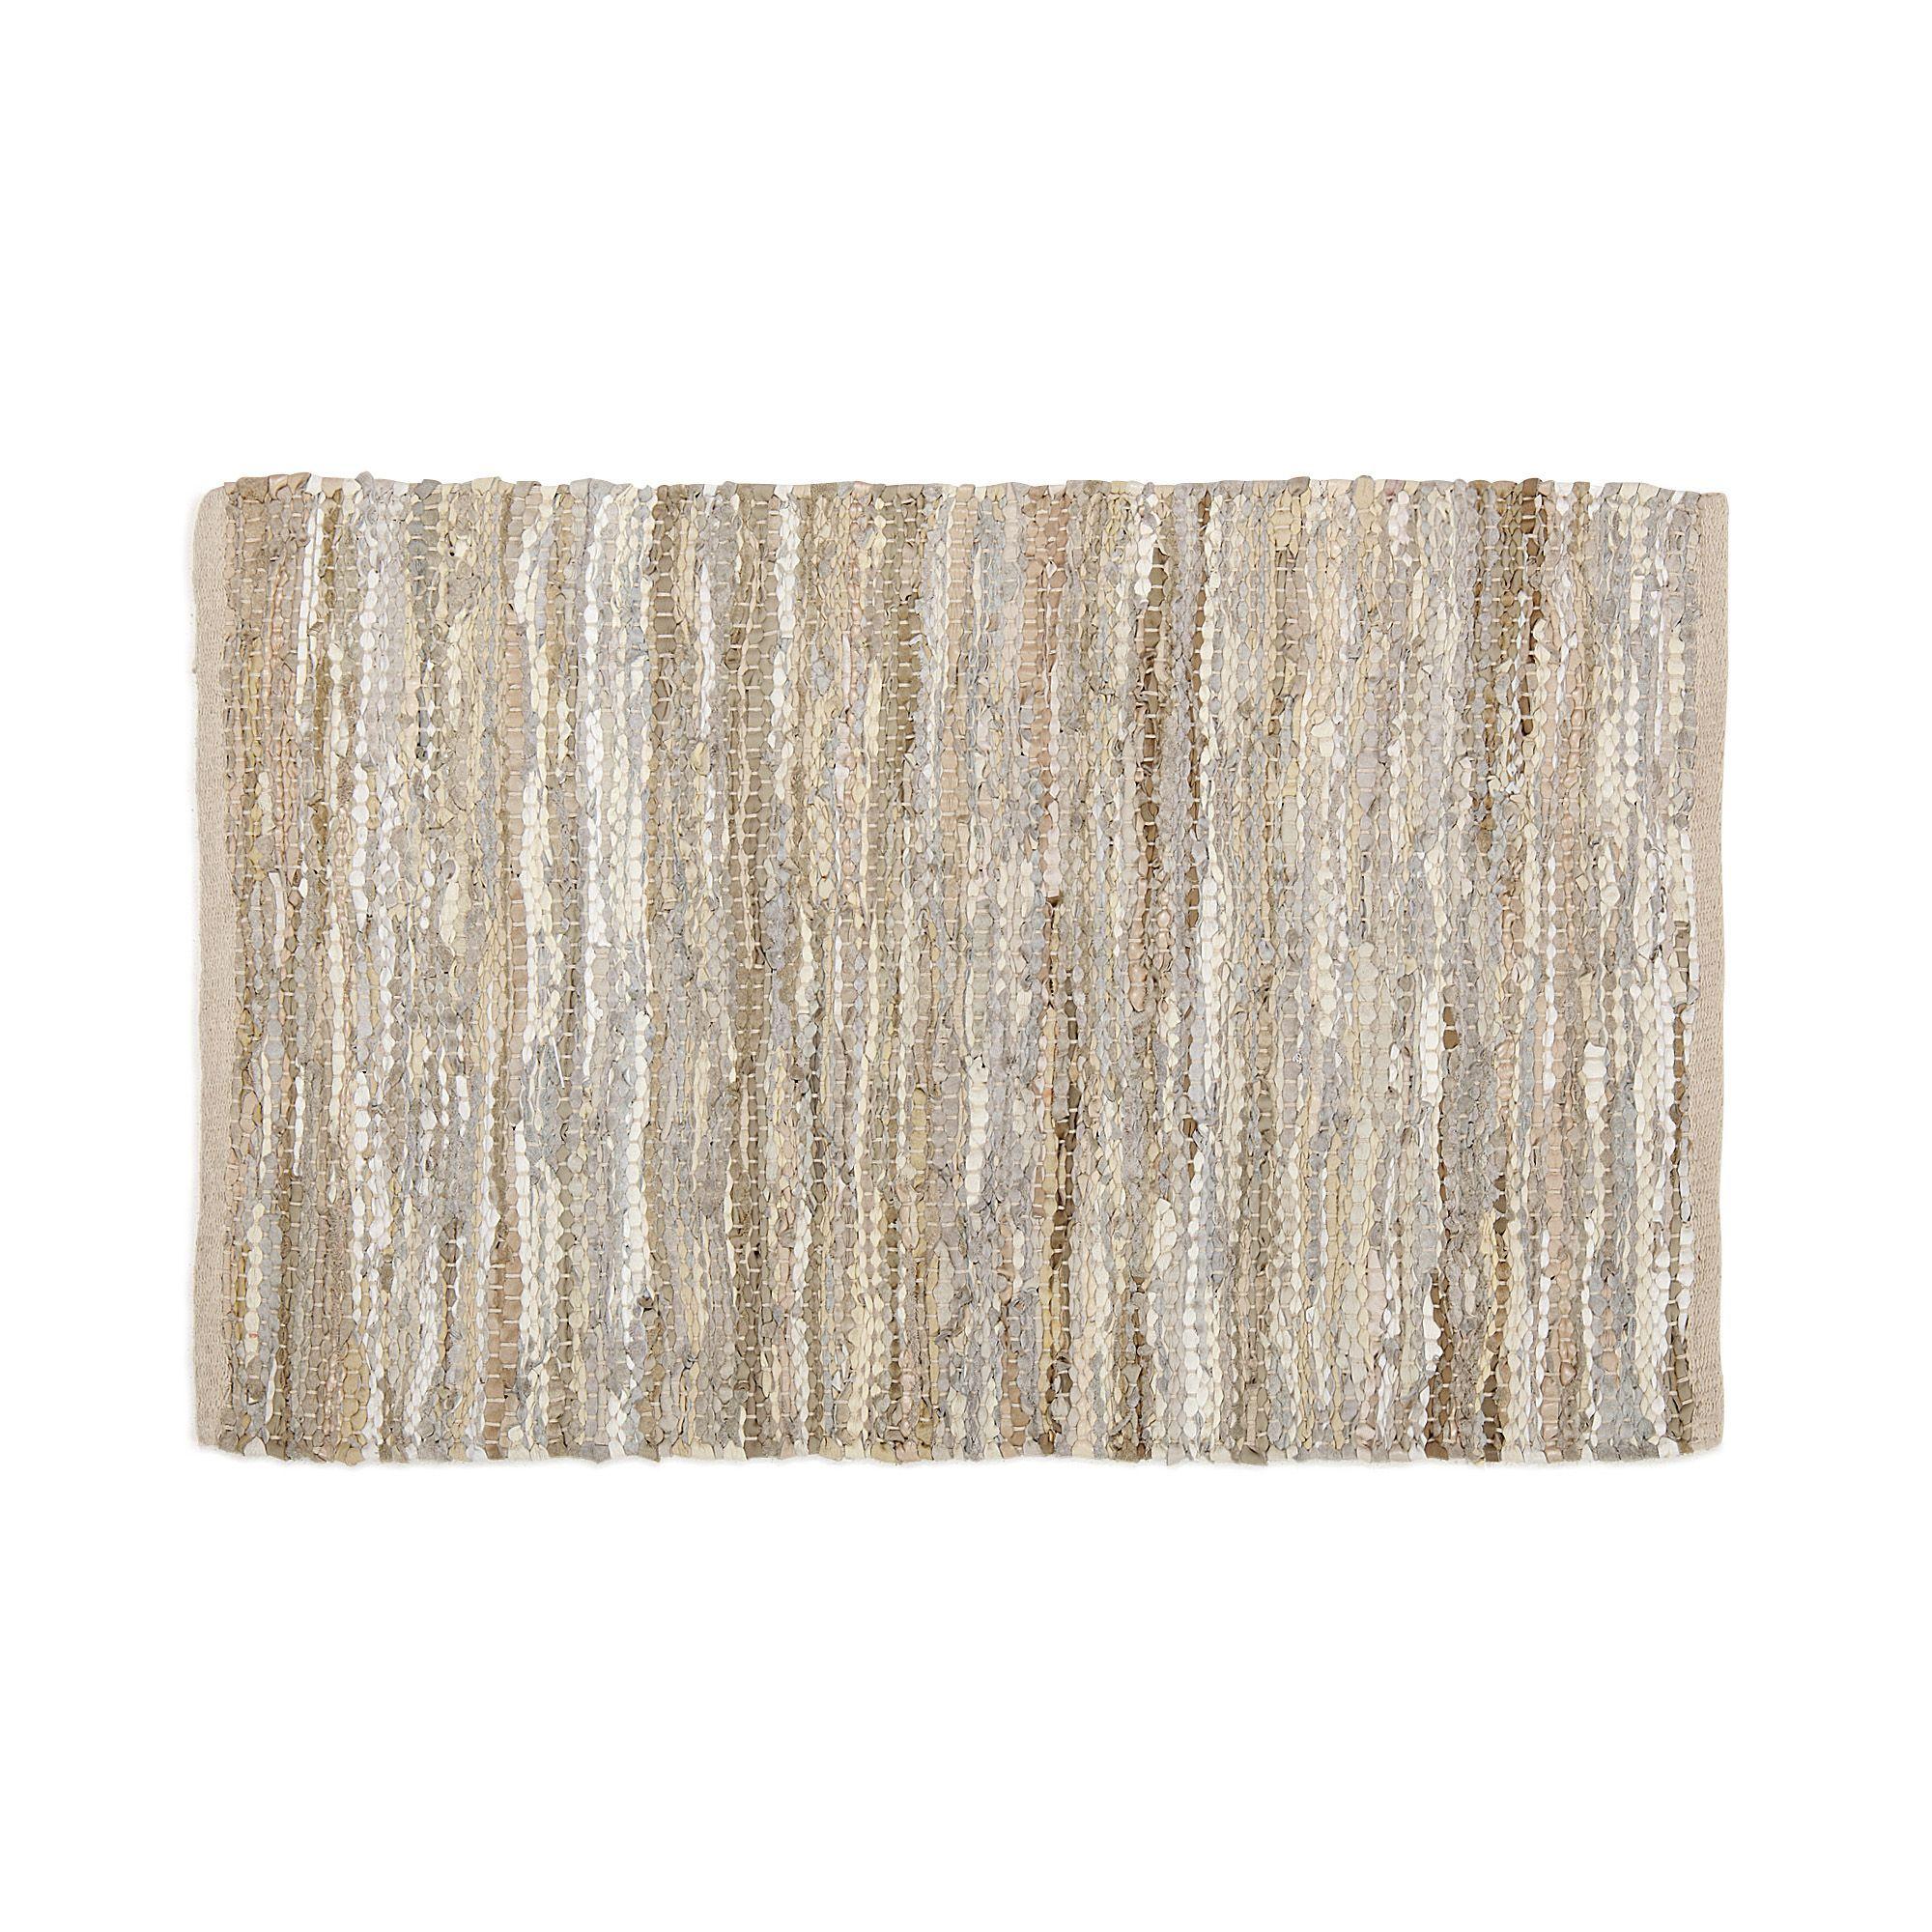 Tapis en cuir 140x200cm Ecru Makwa Les grands tapis Tapis